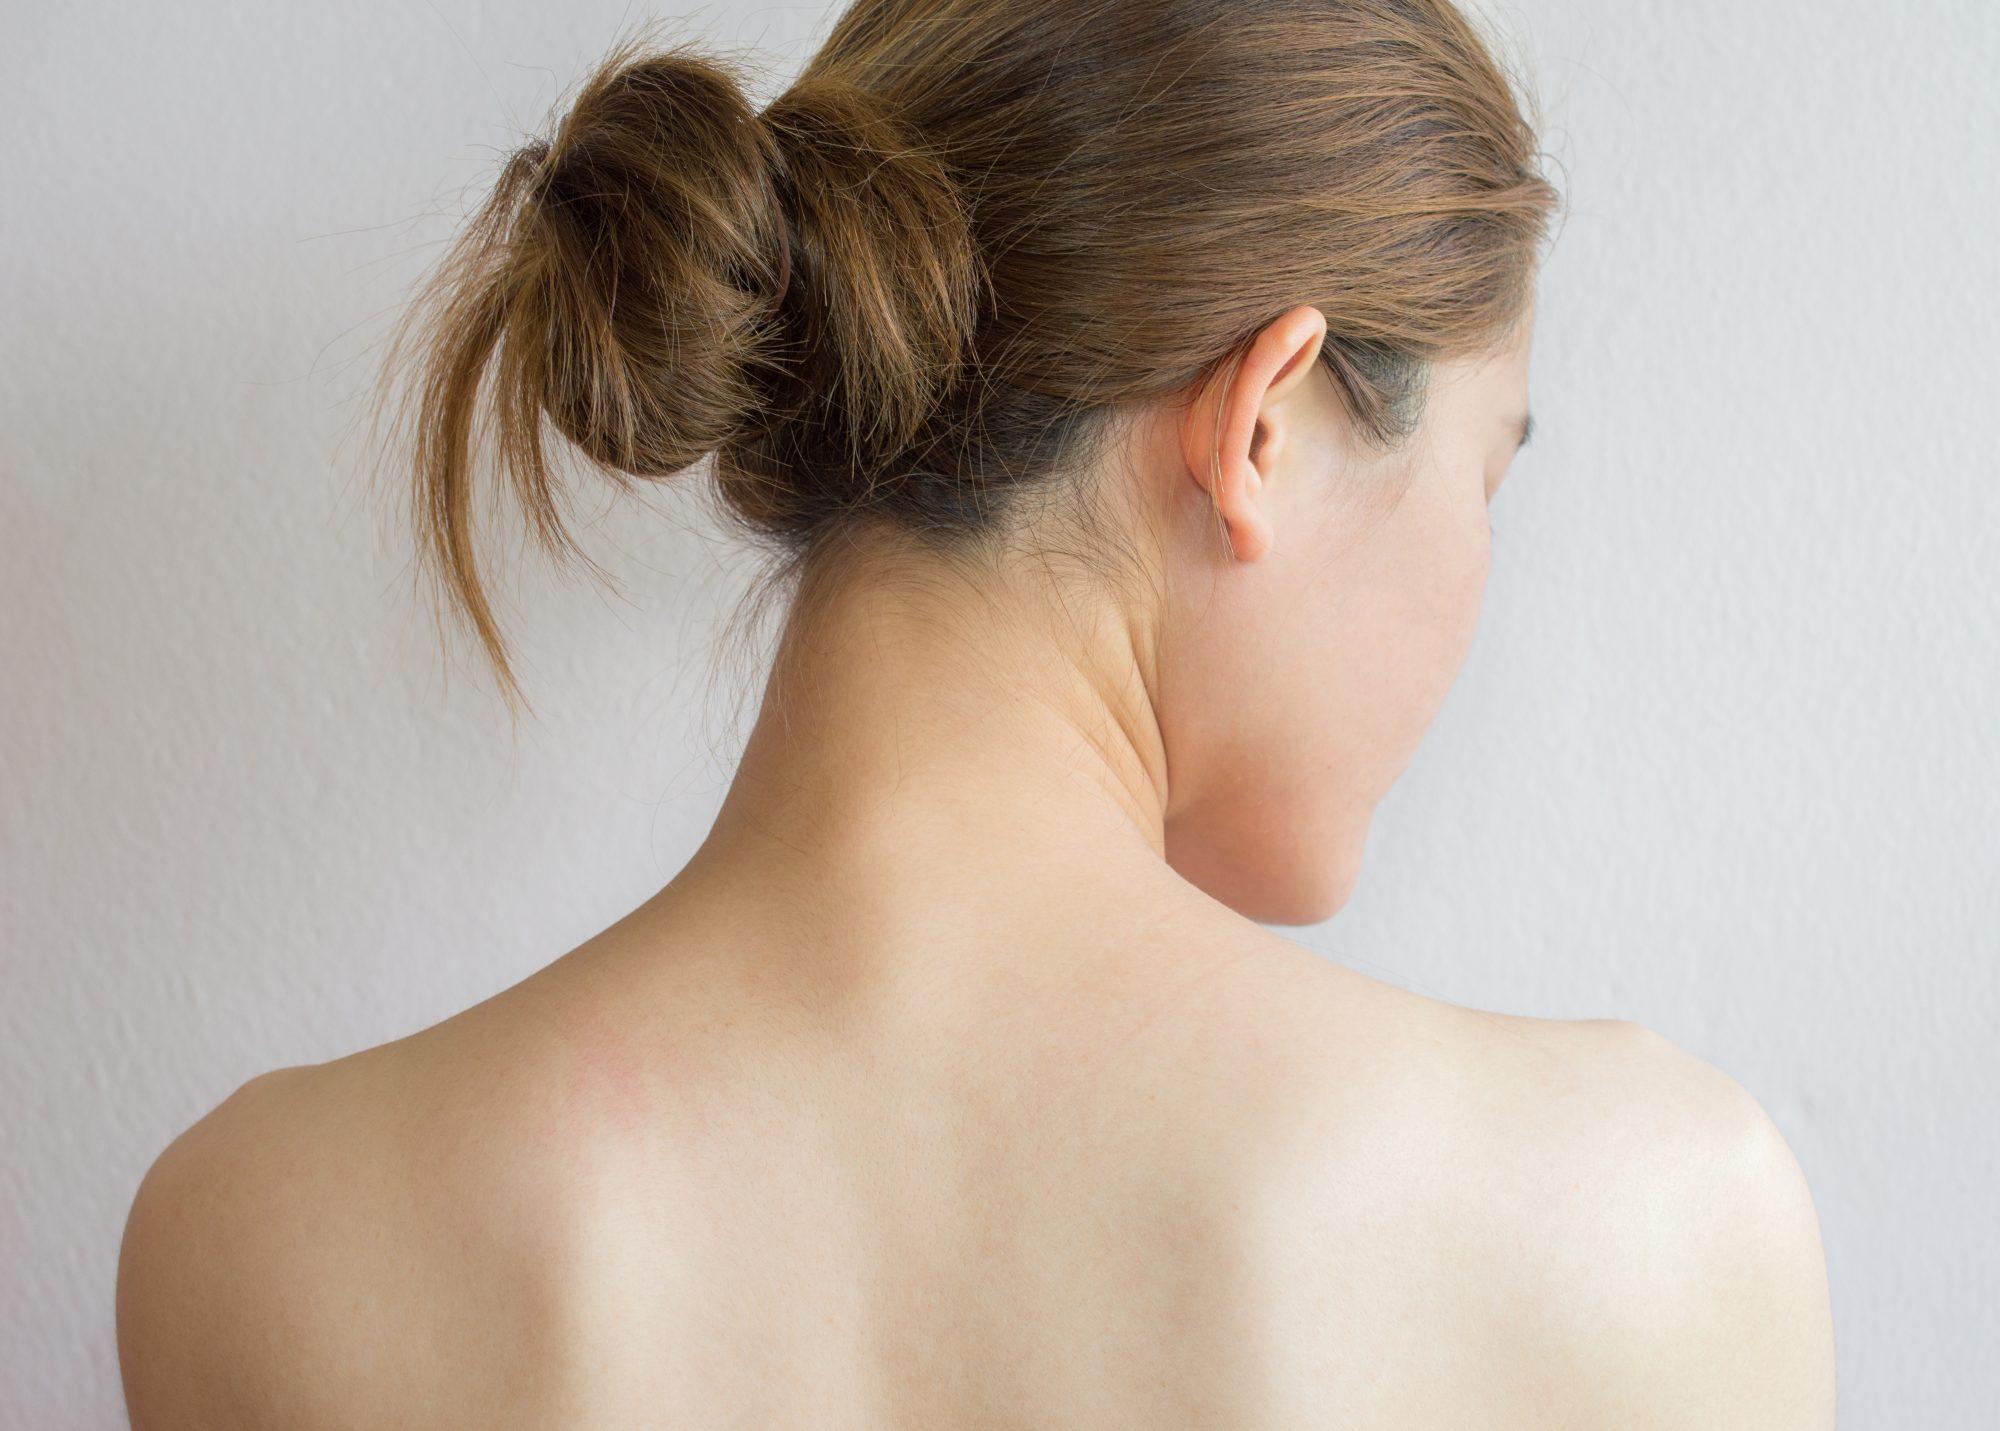 Remedios contar el acné en la espalda